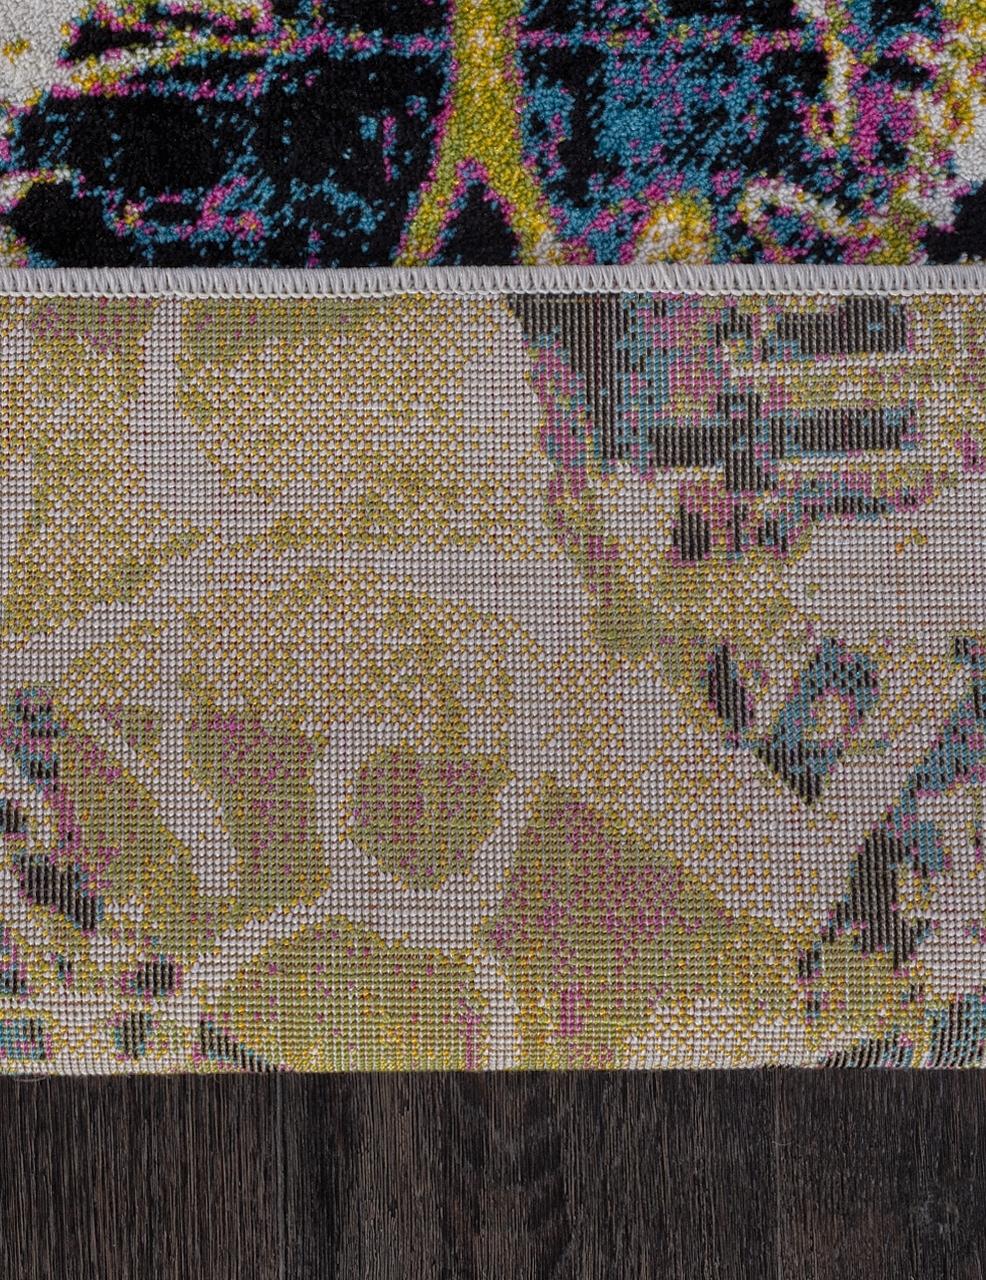 Ковер 2776 - MULTICOLOR - Прямоугольник - коллекция CRYSTAL - фото 5